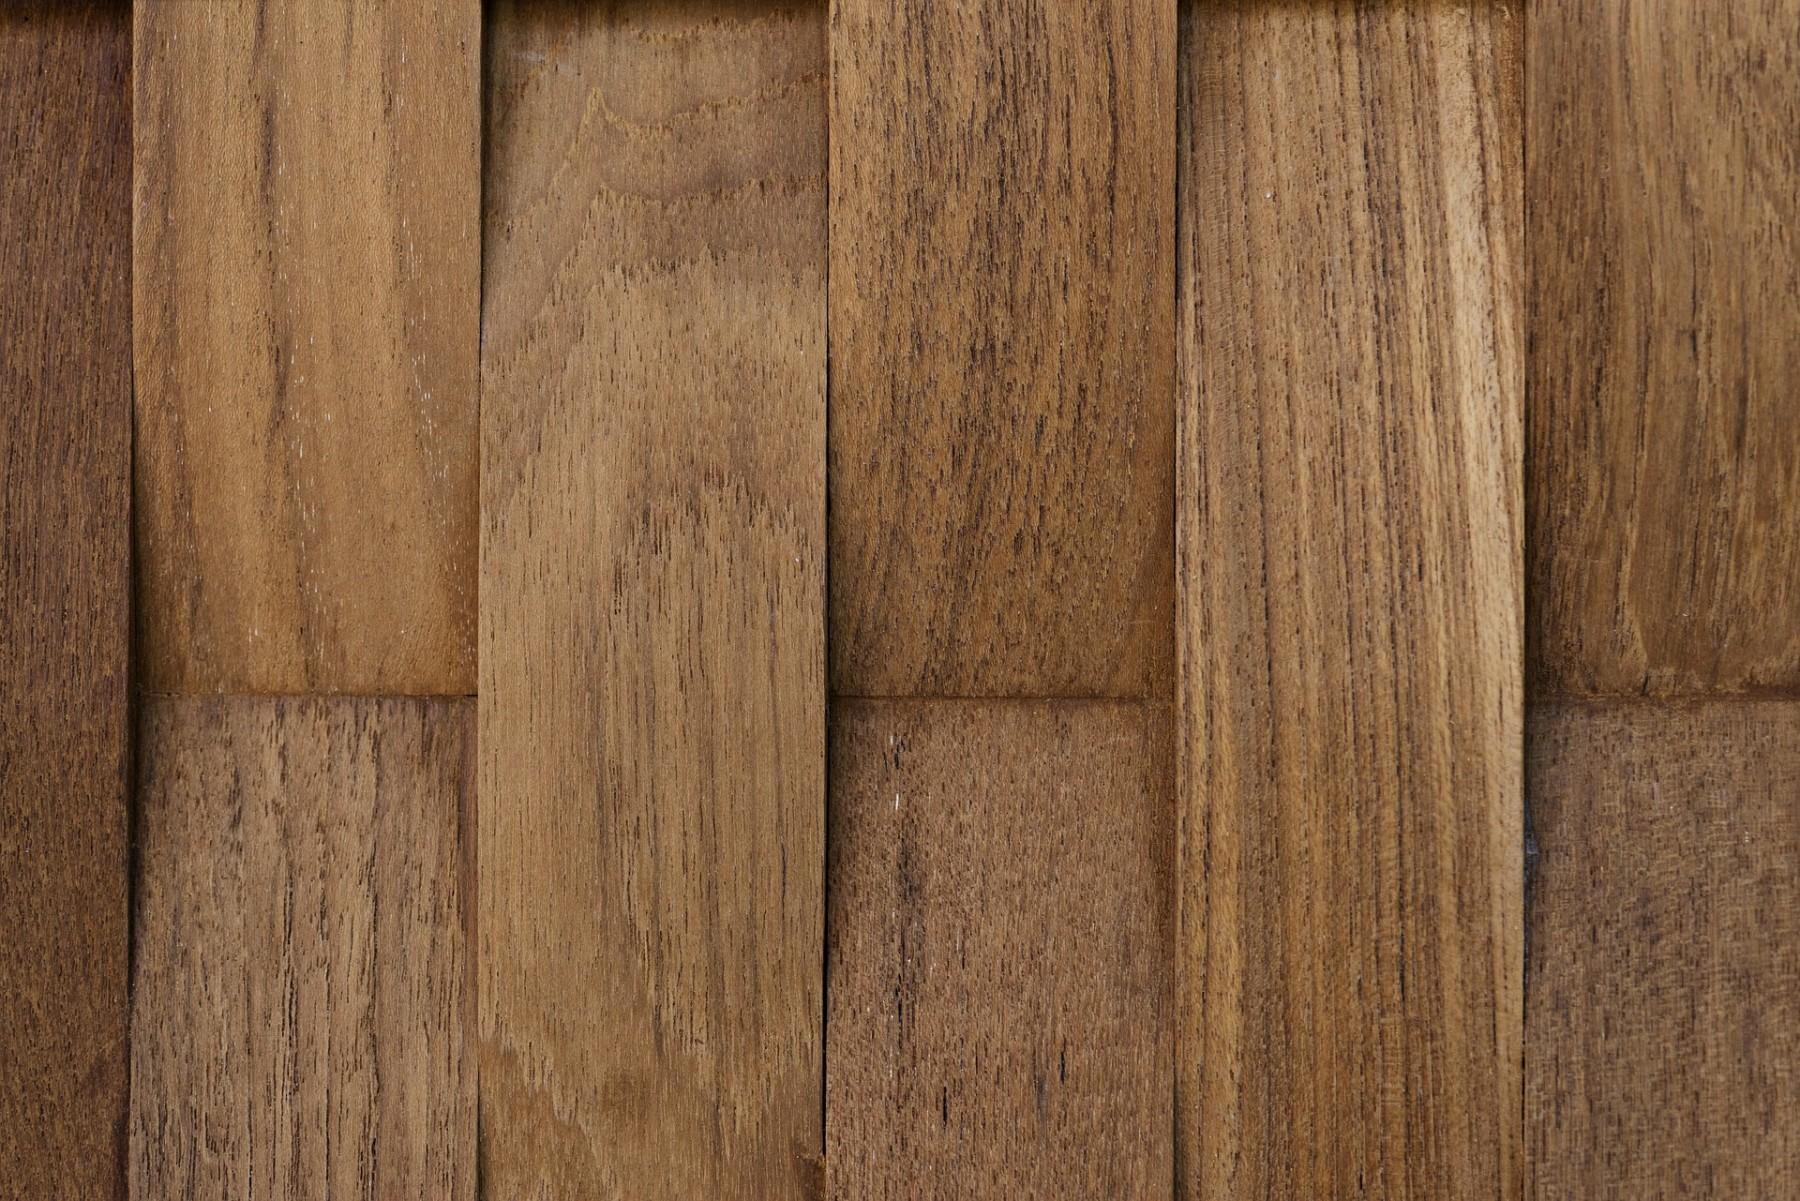 wood-3164723_1920